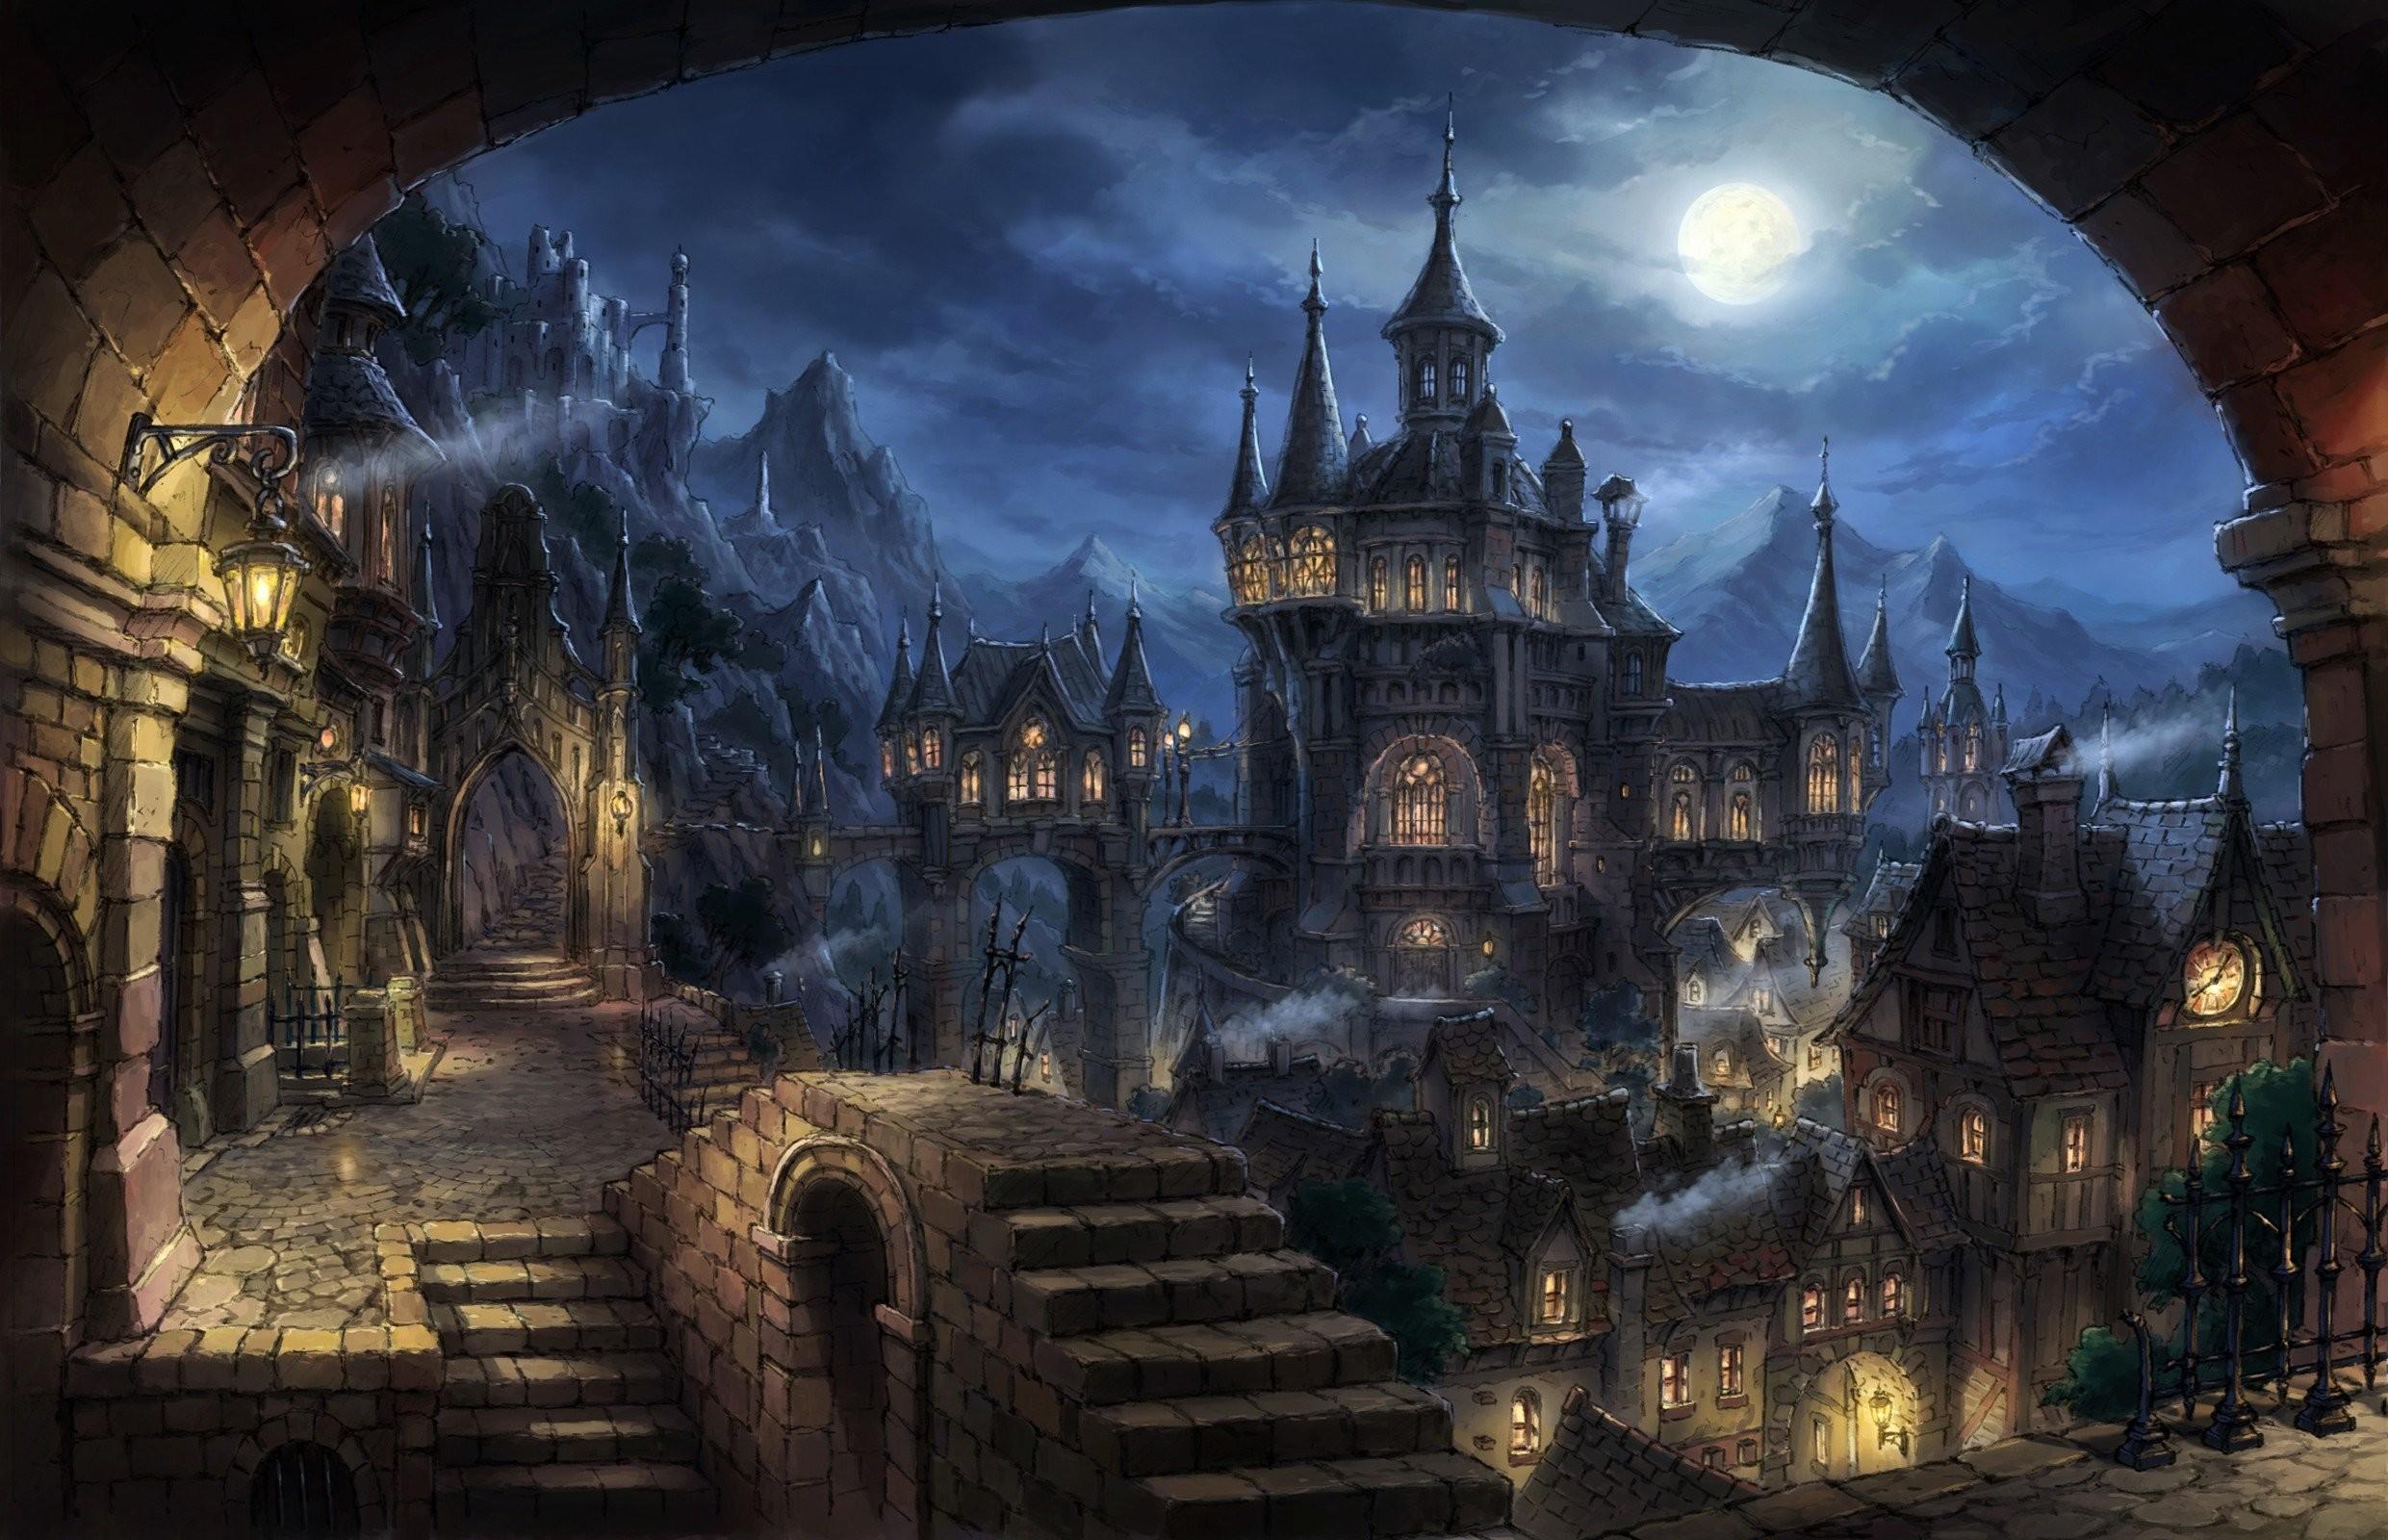 Res: 2481x1600, Palacio dracula npche halloween wallpaper |  | 948321 | WallpaperUP